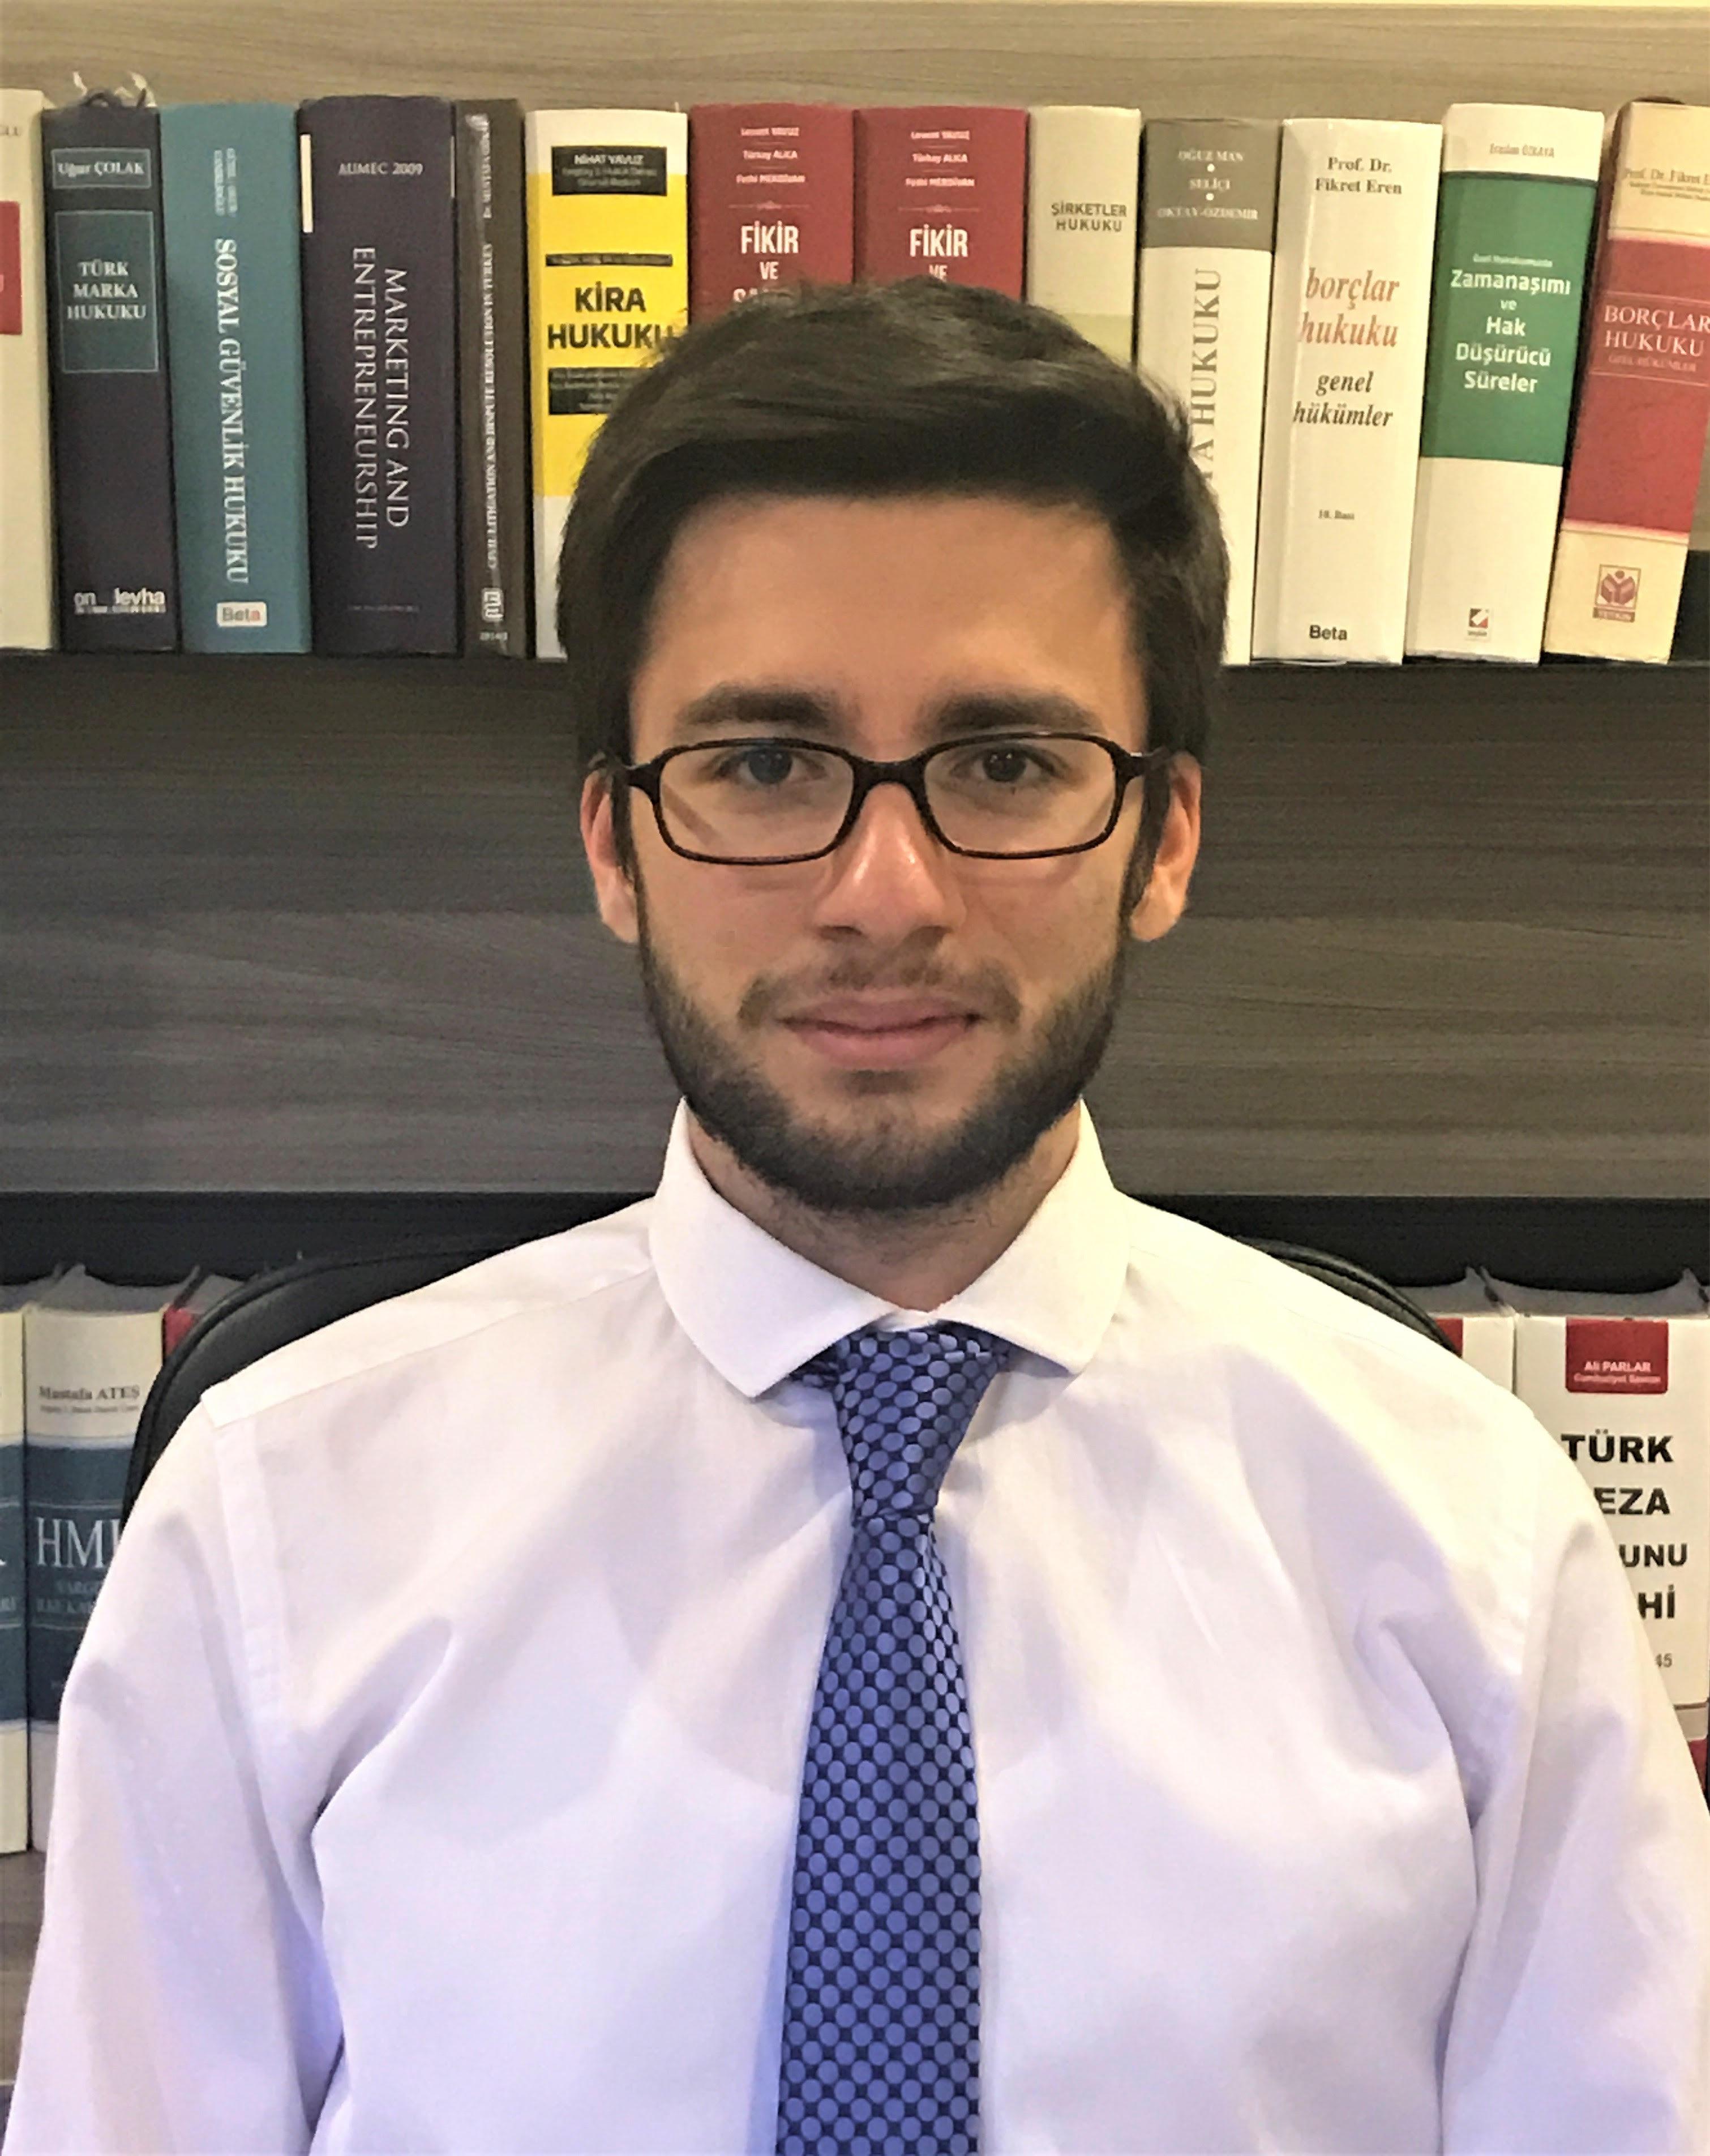 Ahmet Serkan ÖKSÜZ